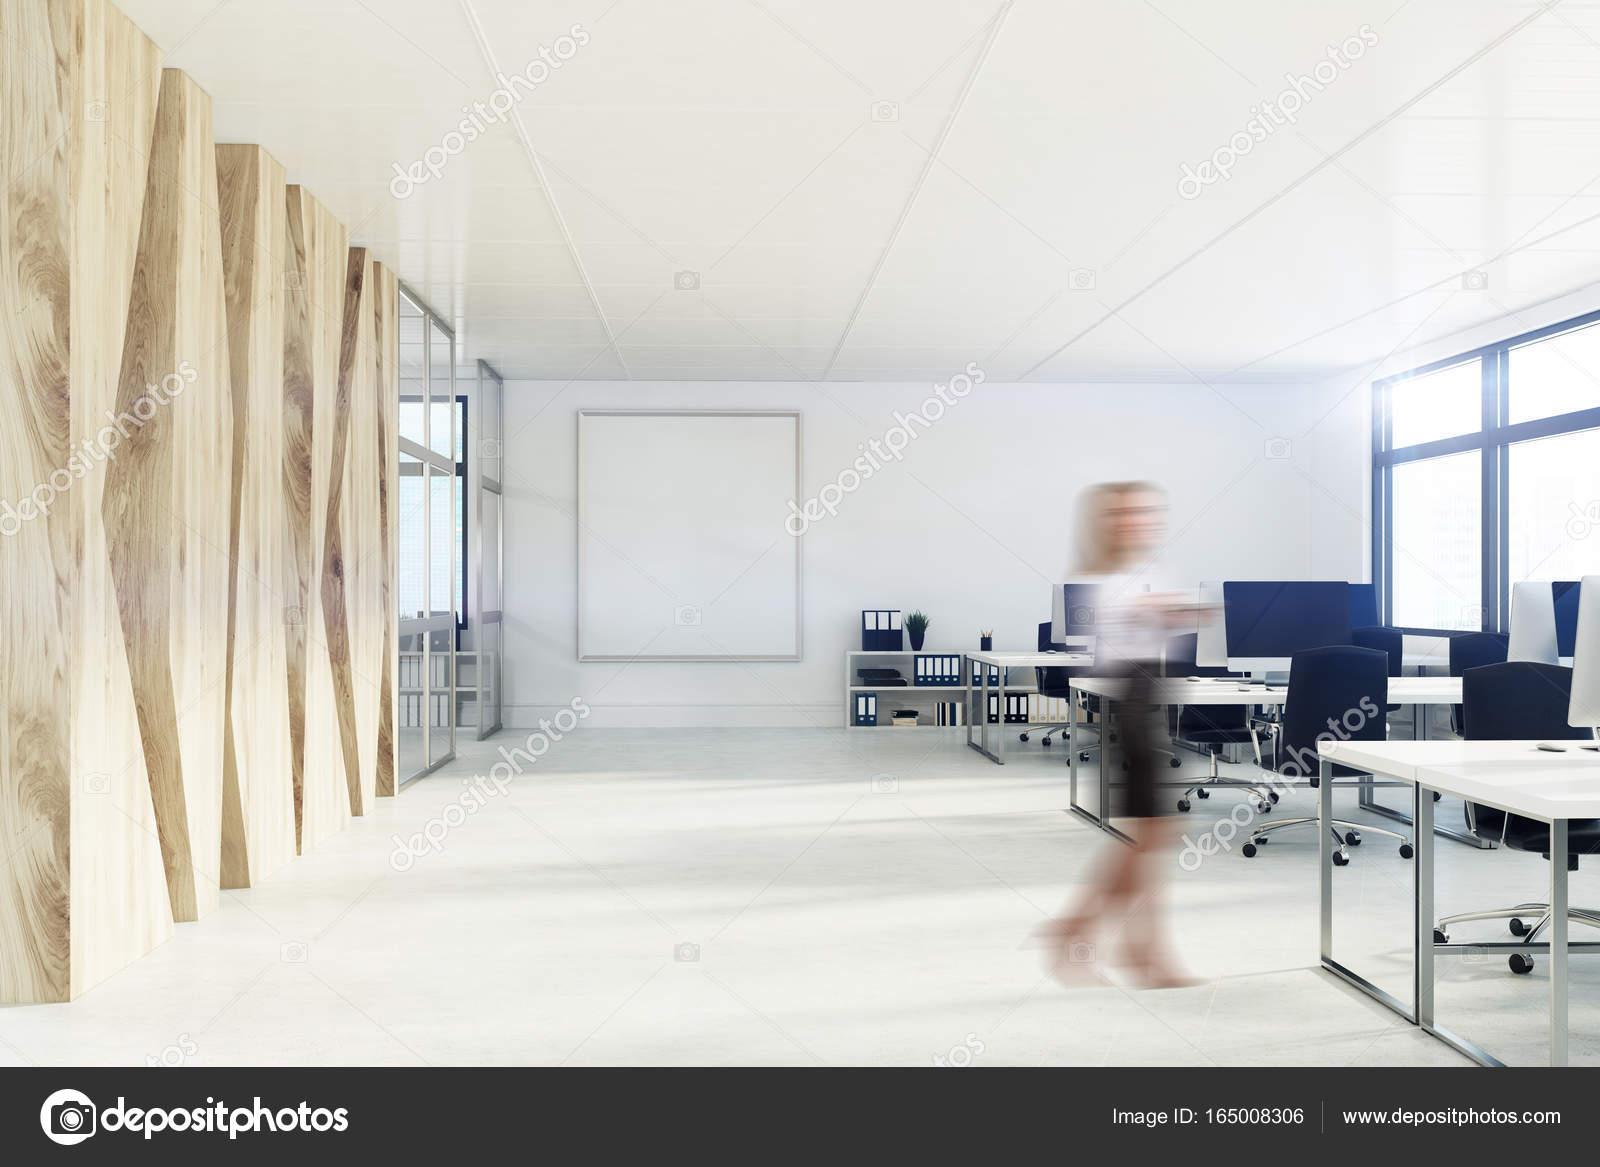 Bureau espace ouvert avec un mur en bois laffiche la jeune fille